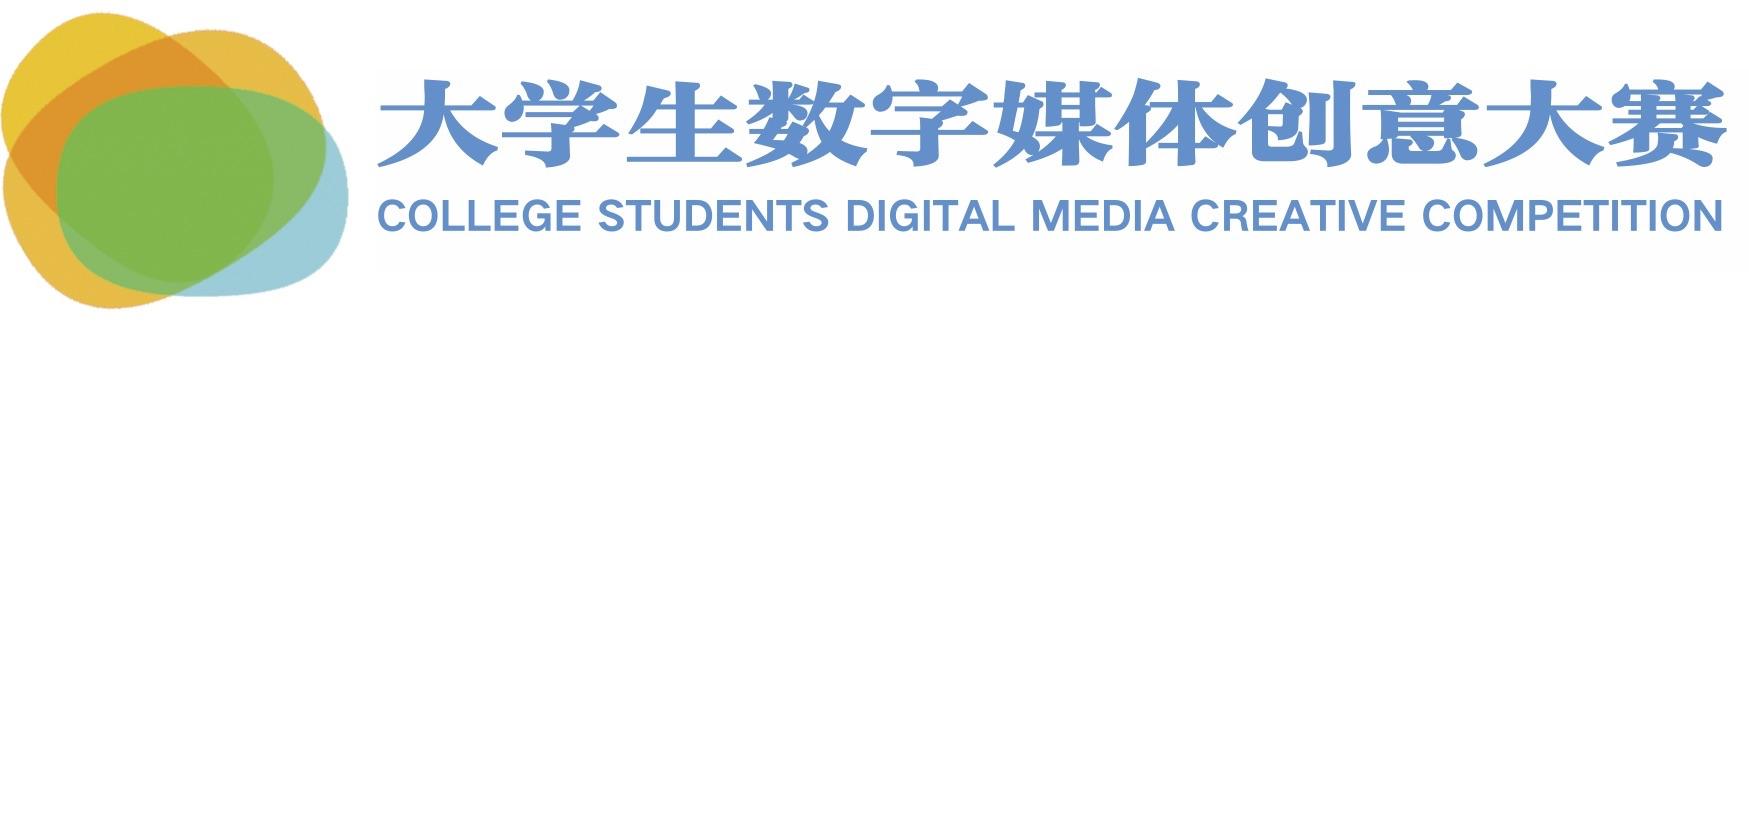 第十届大学生科技节——山东省大学生数字媒体创意大赛 赛事说明